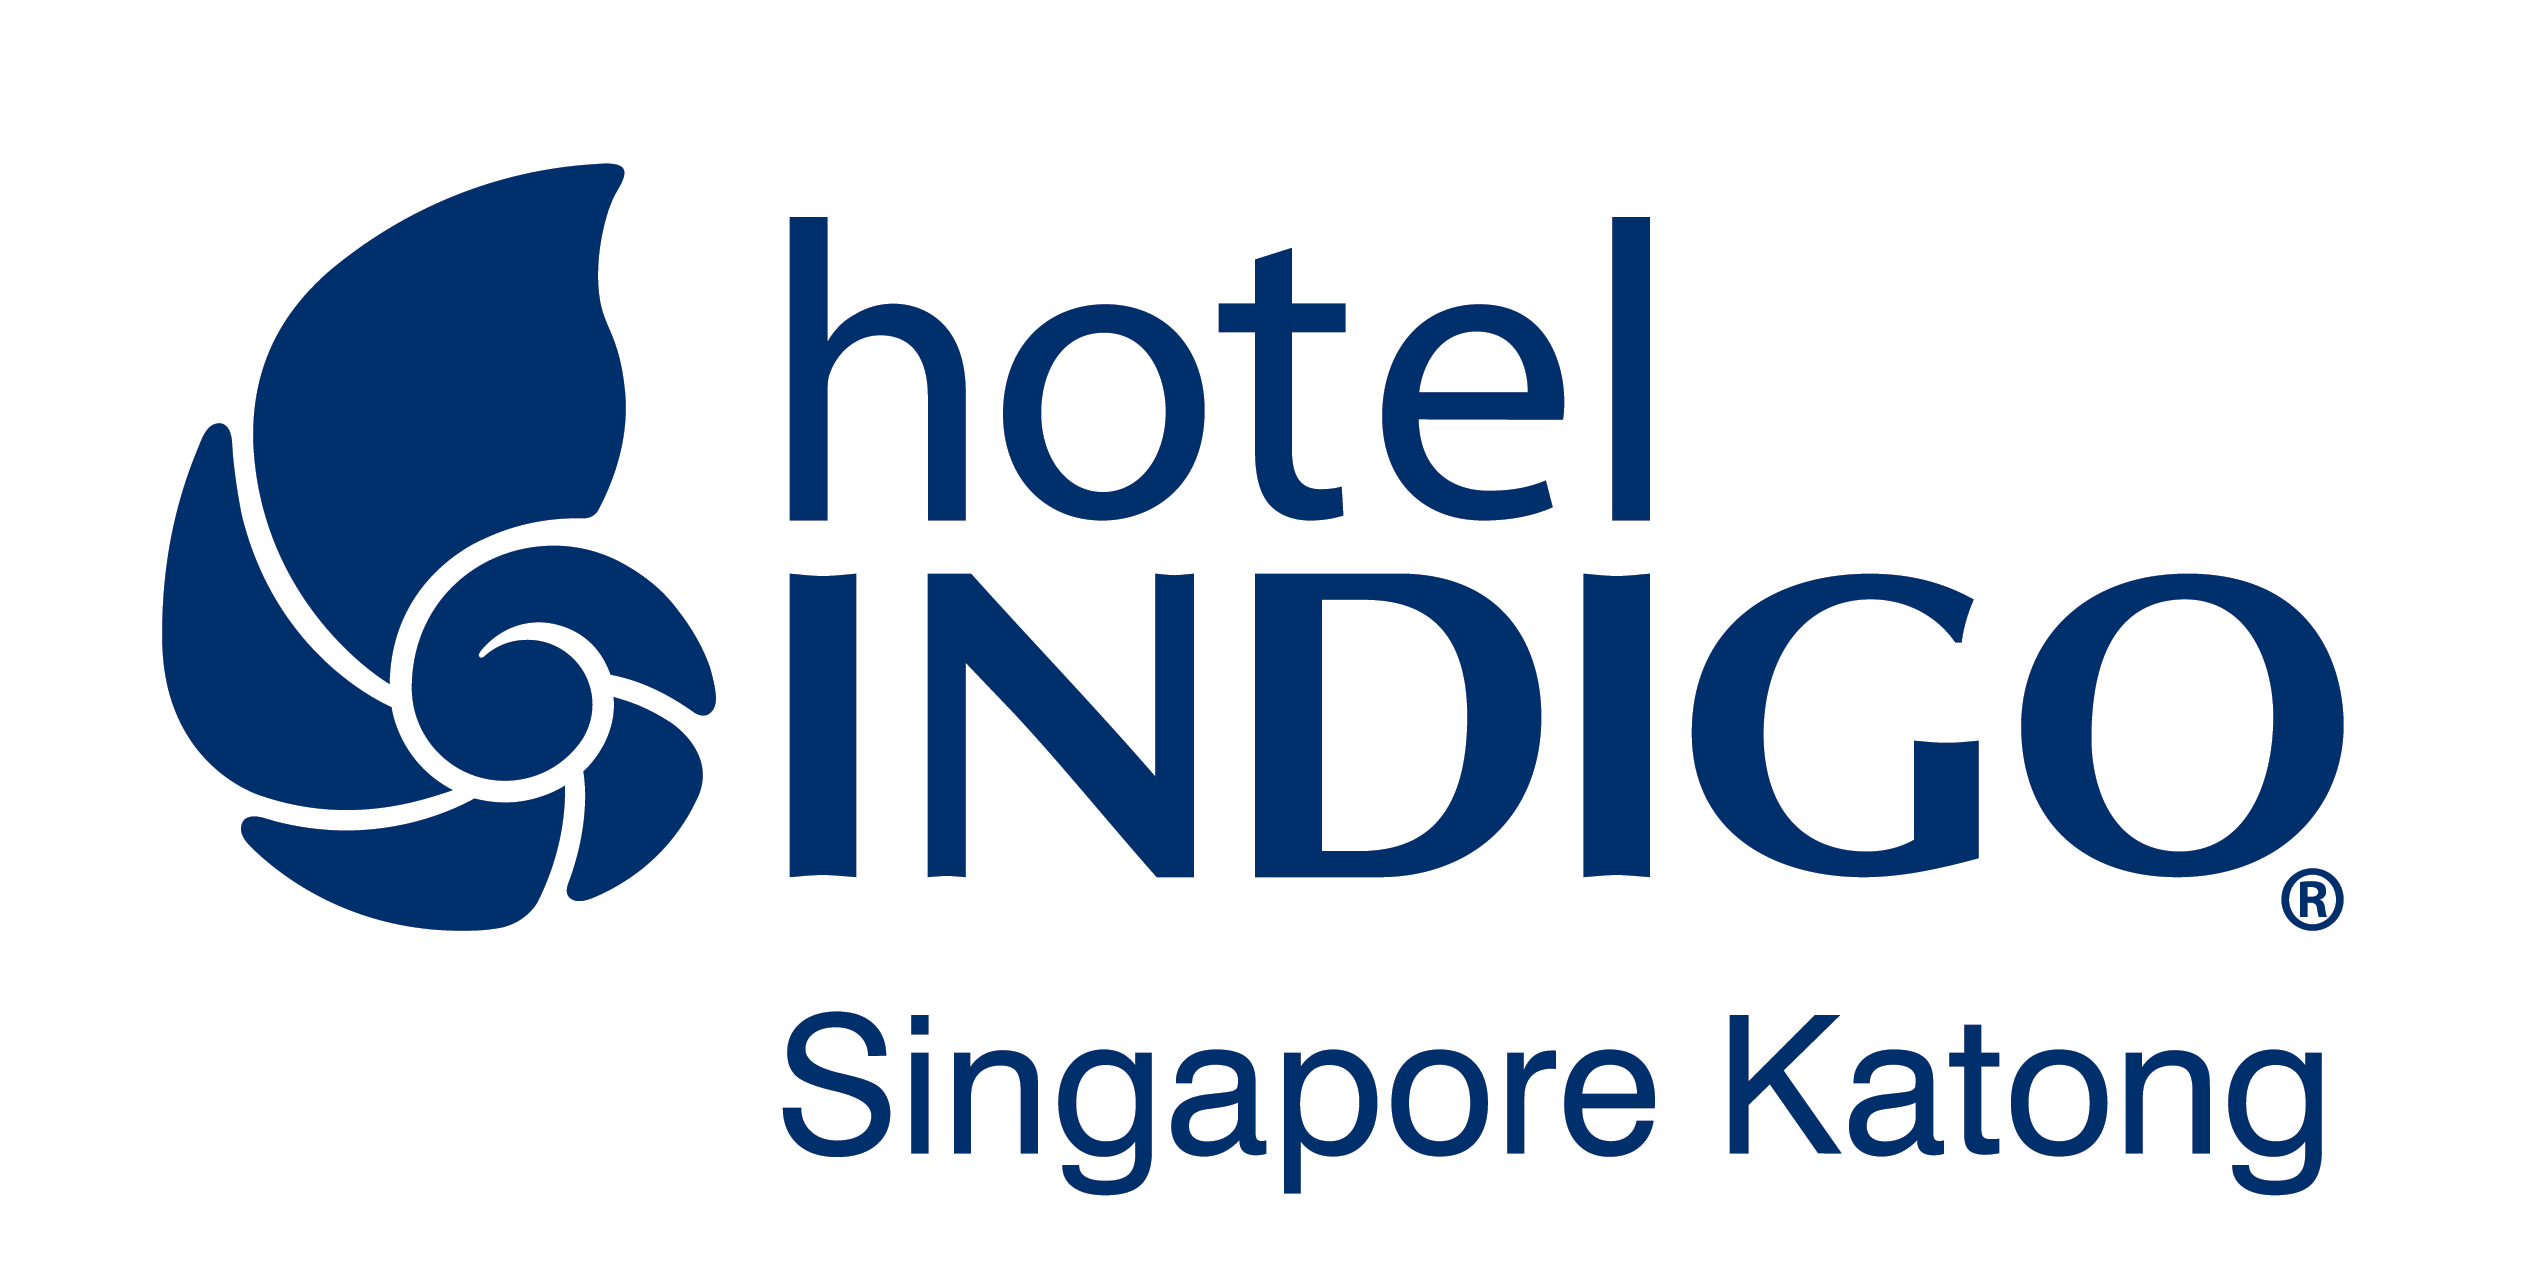 INDIGO-SG-KATONG